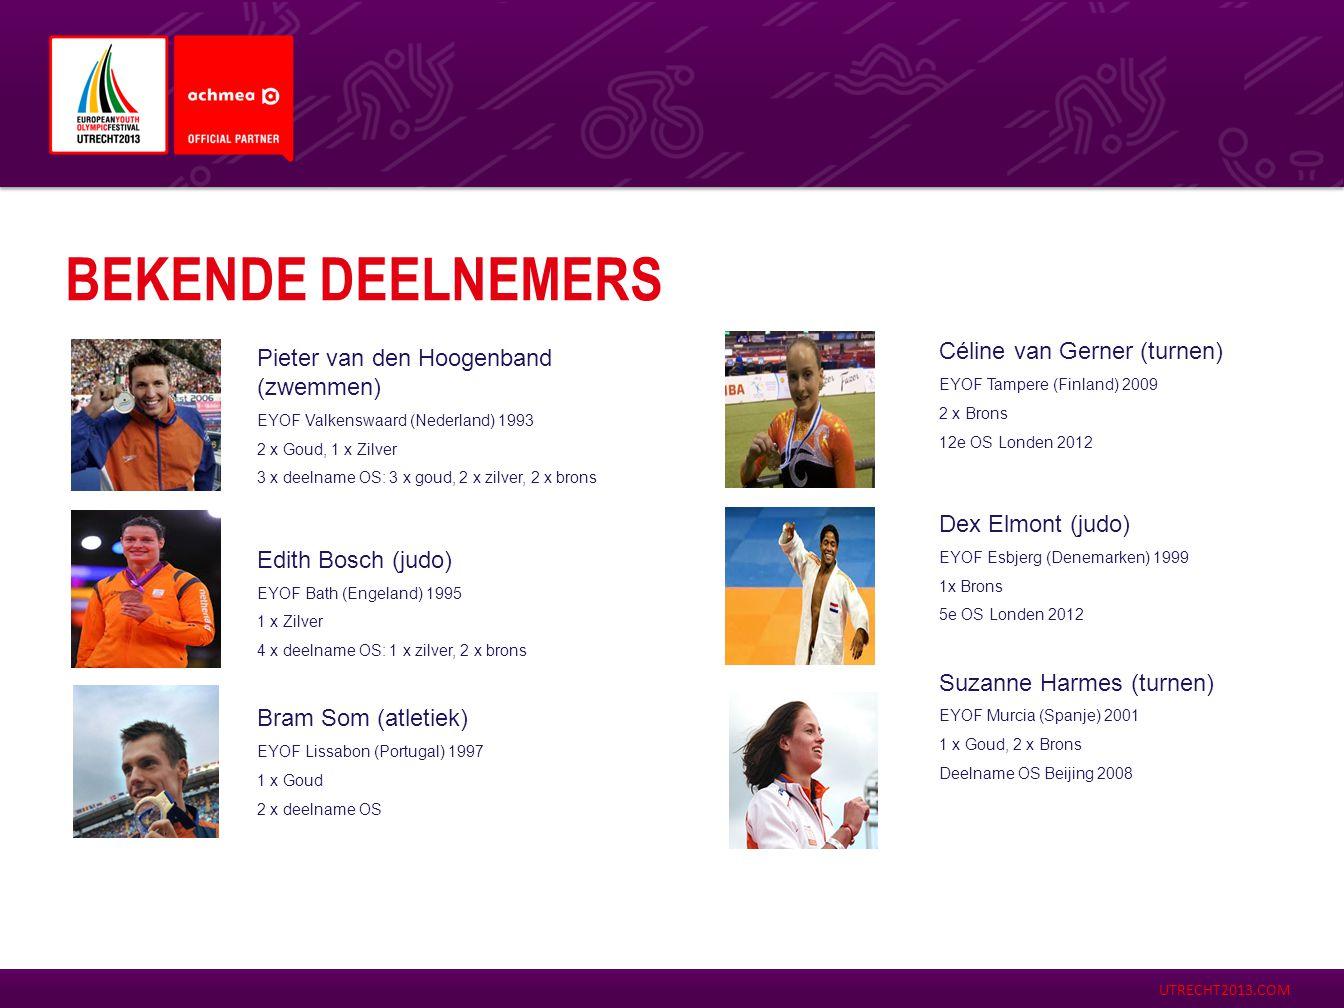 UTRECHT2013.COM OLYMPISCH EVENEMENT